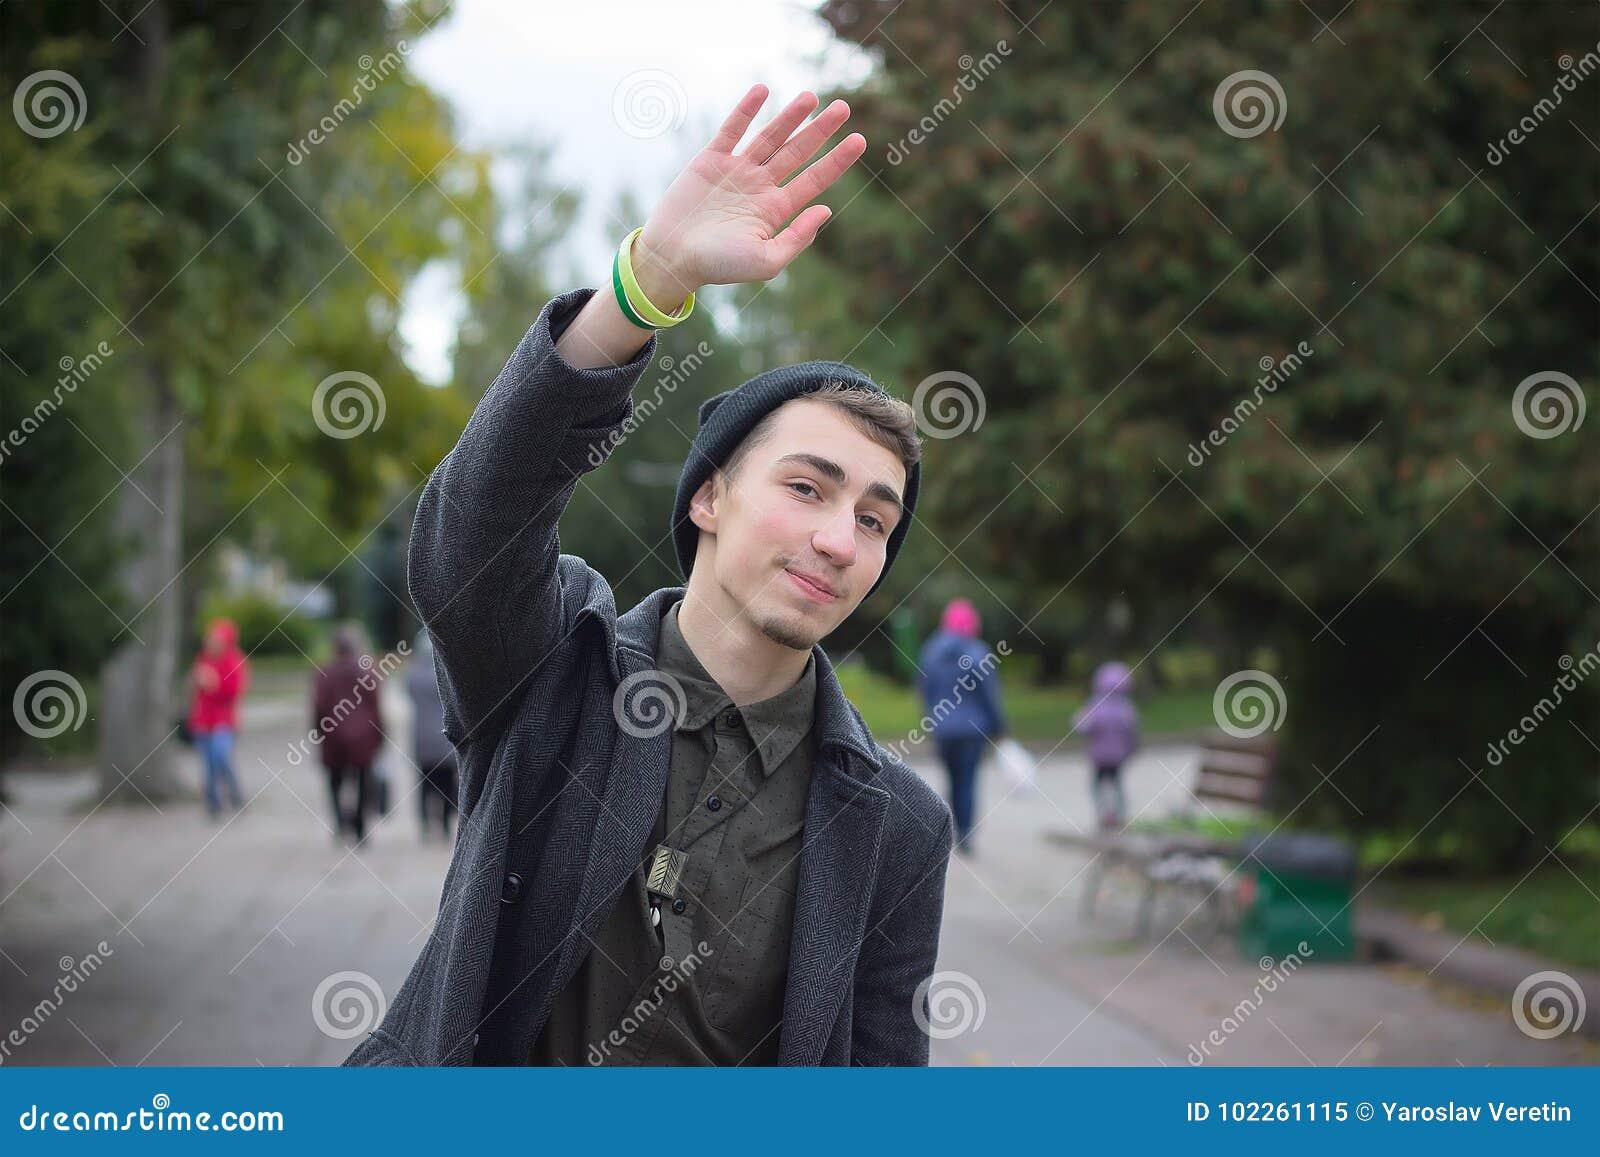 Красивый молодой человек развевая к кто-то, идущ, улица